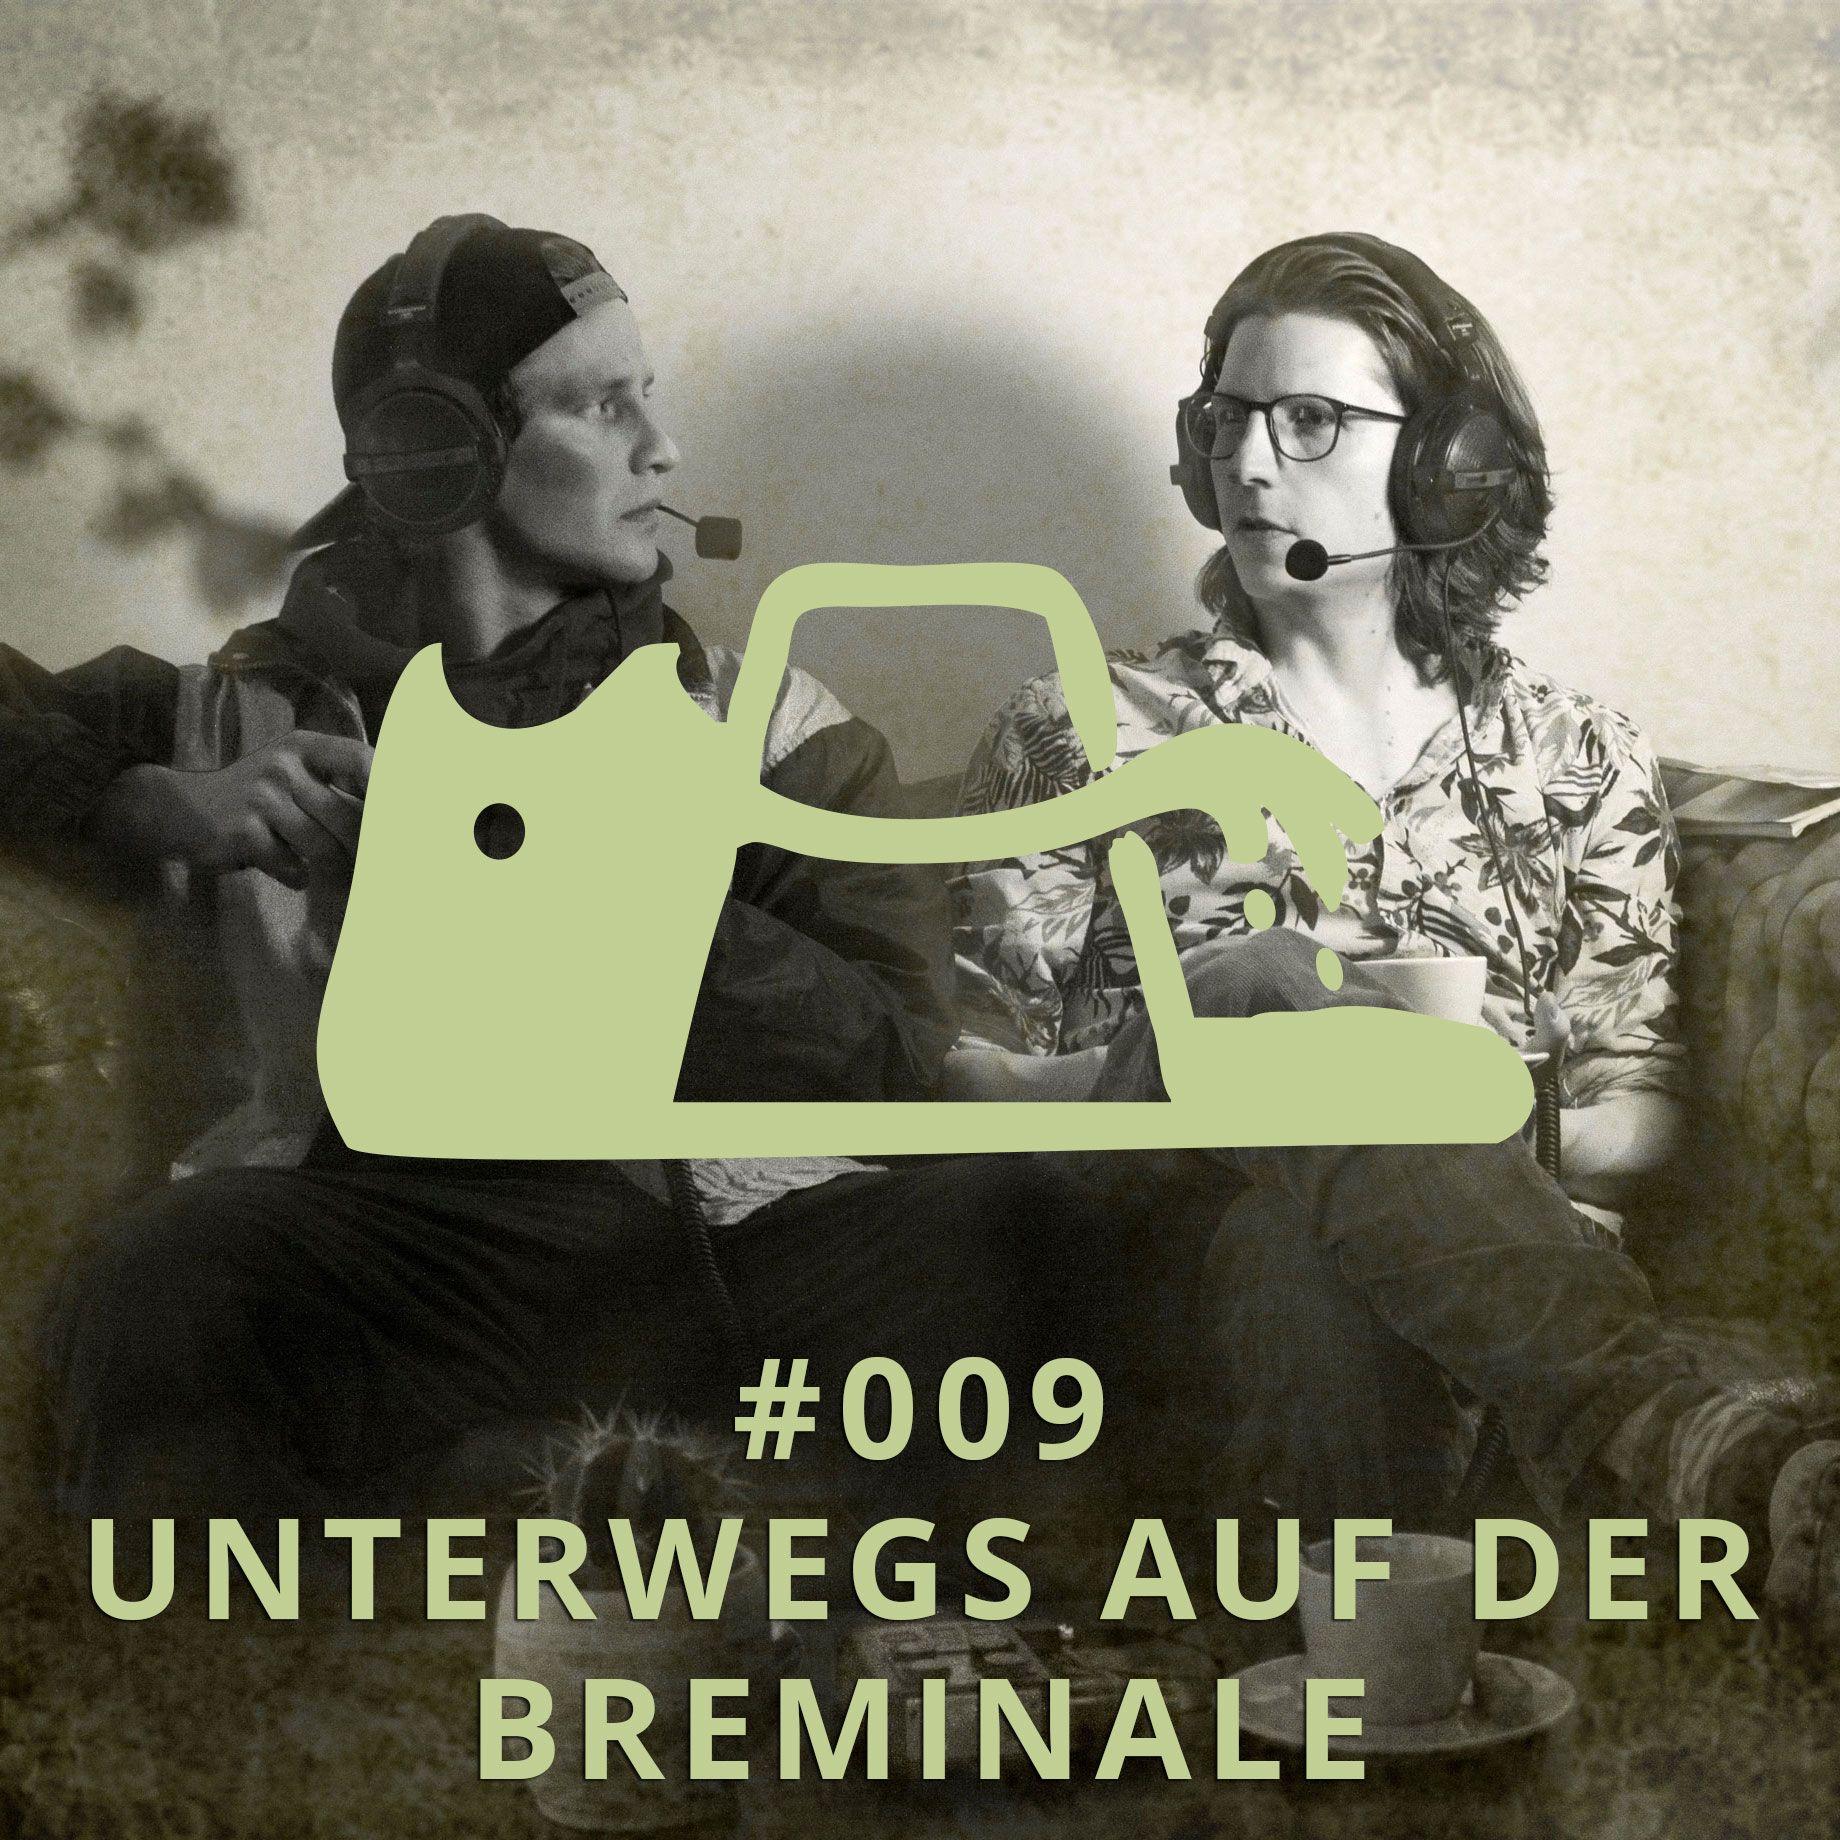 009 - Unterwegs auf der Breminale | DICHTE GEDANKEN POTCAST